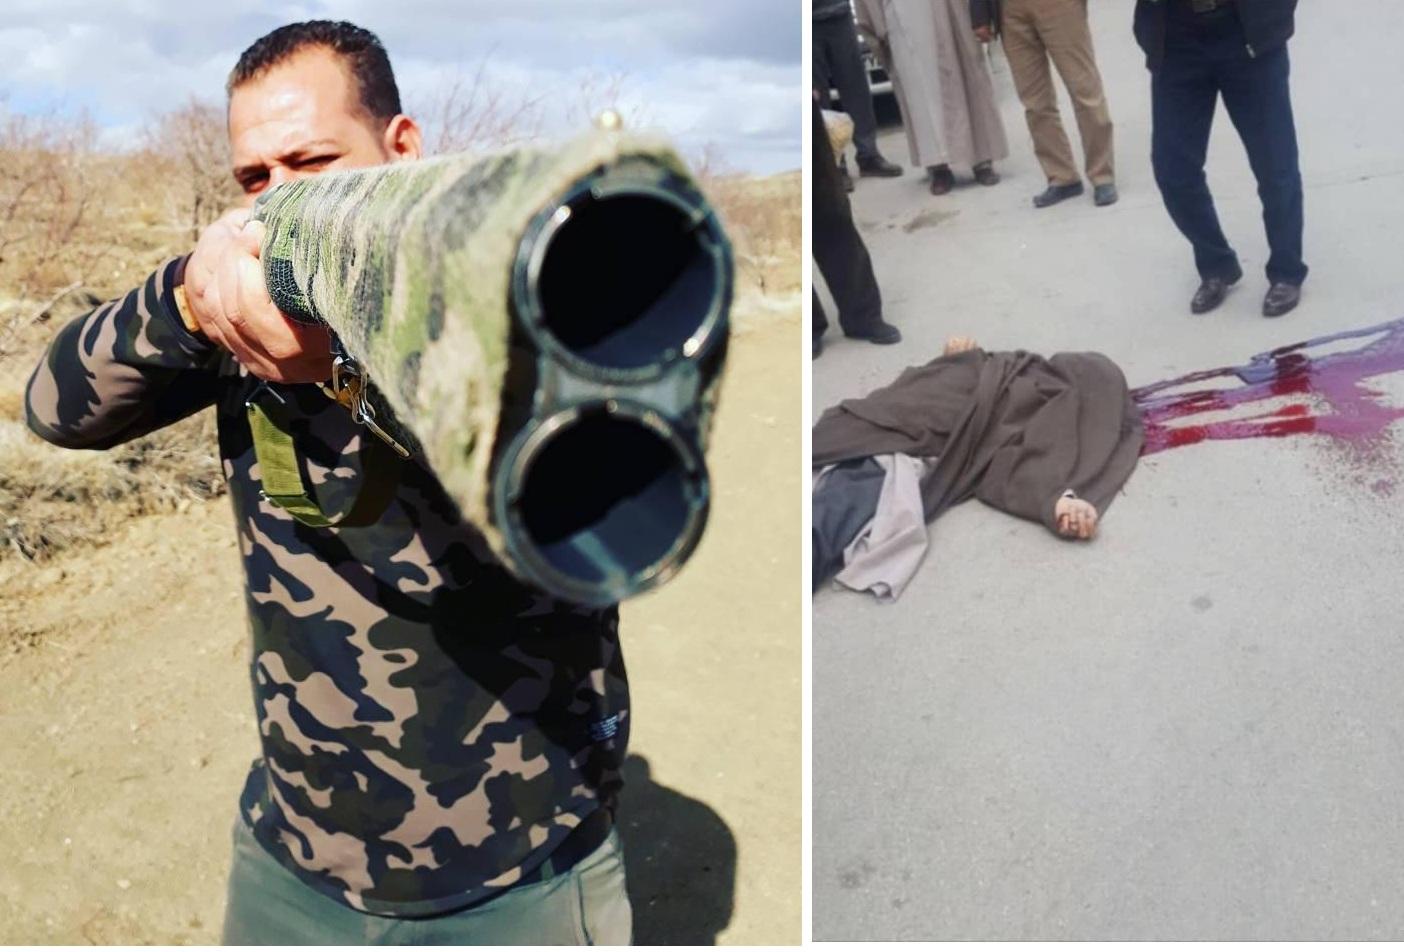 (تصاویر) سیر تا پیاز ماجرای قتل طلبه همدانی؛ «بهروز حاجیلو» که بود و چه انگیزهای داشت؟ - 0